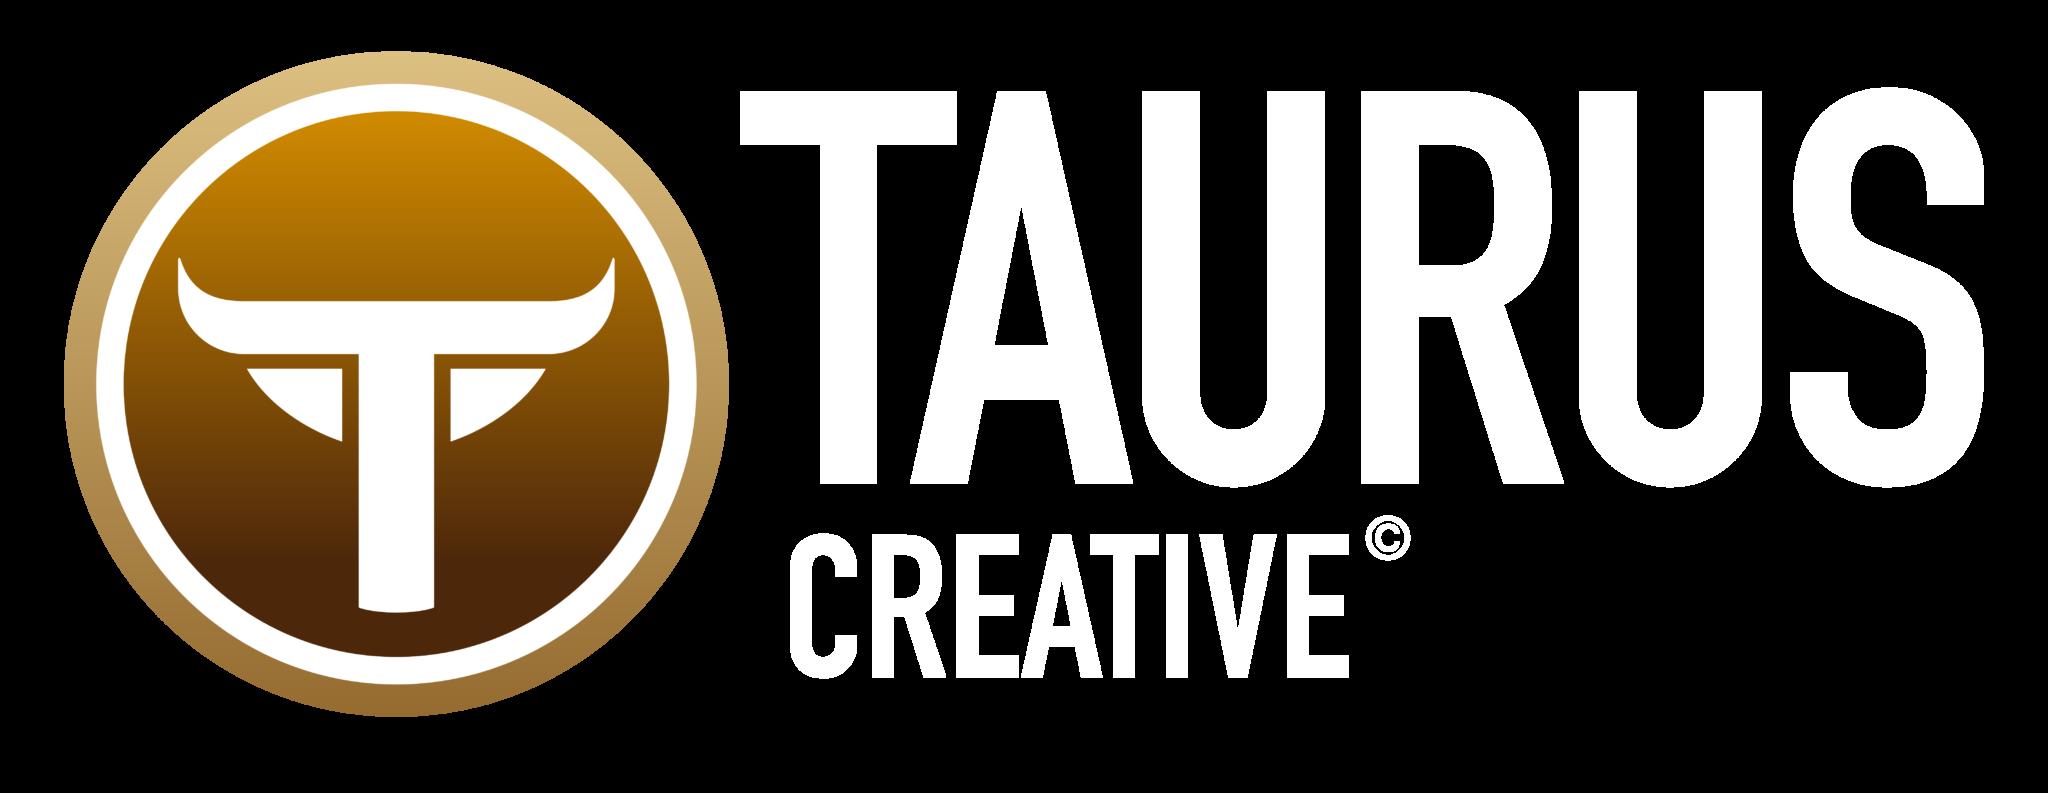 Taurus Branding Suite Master doc 59